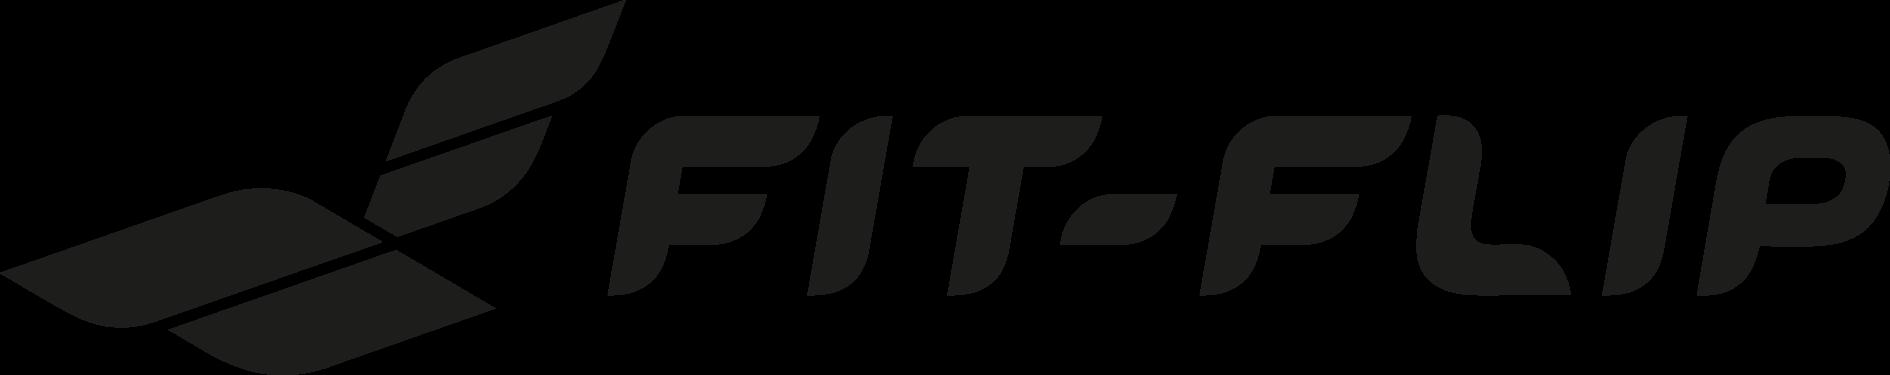 Fit-Flip